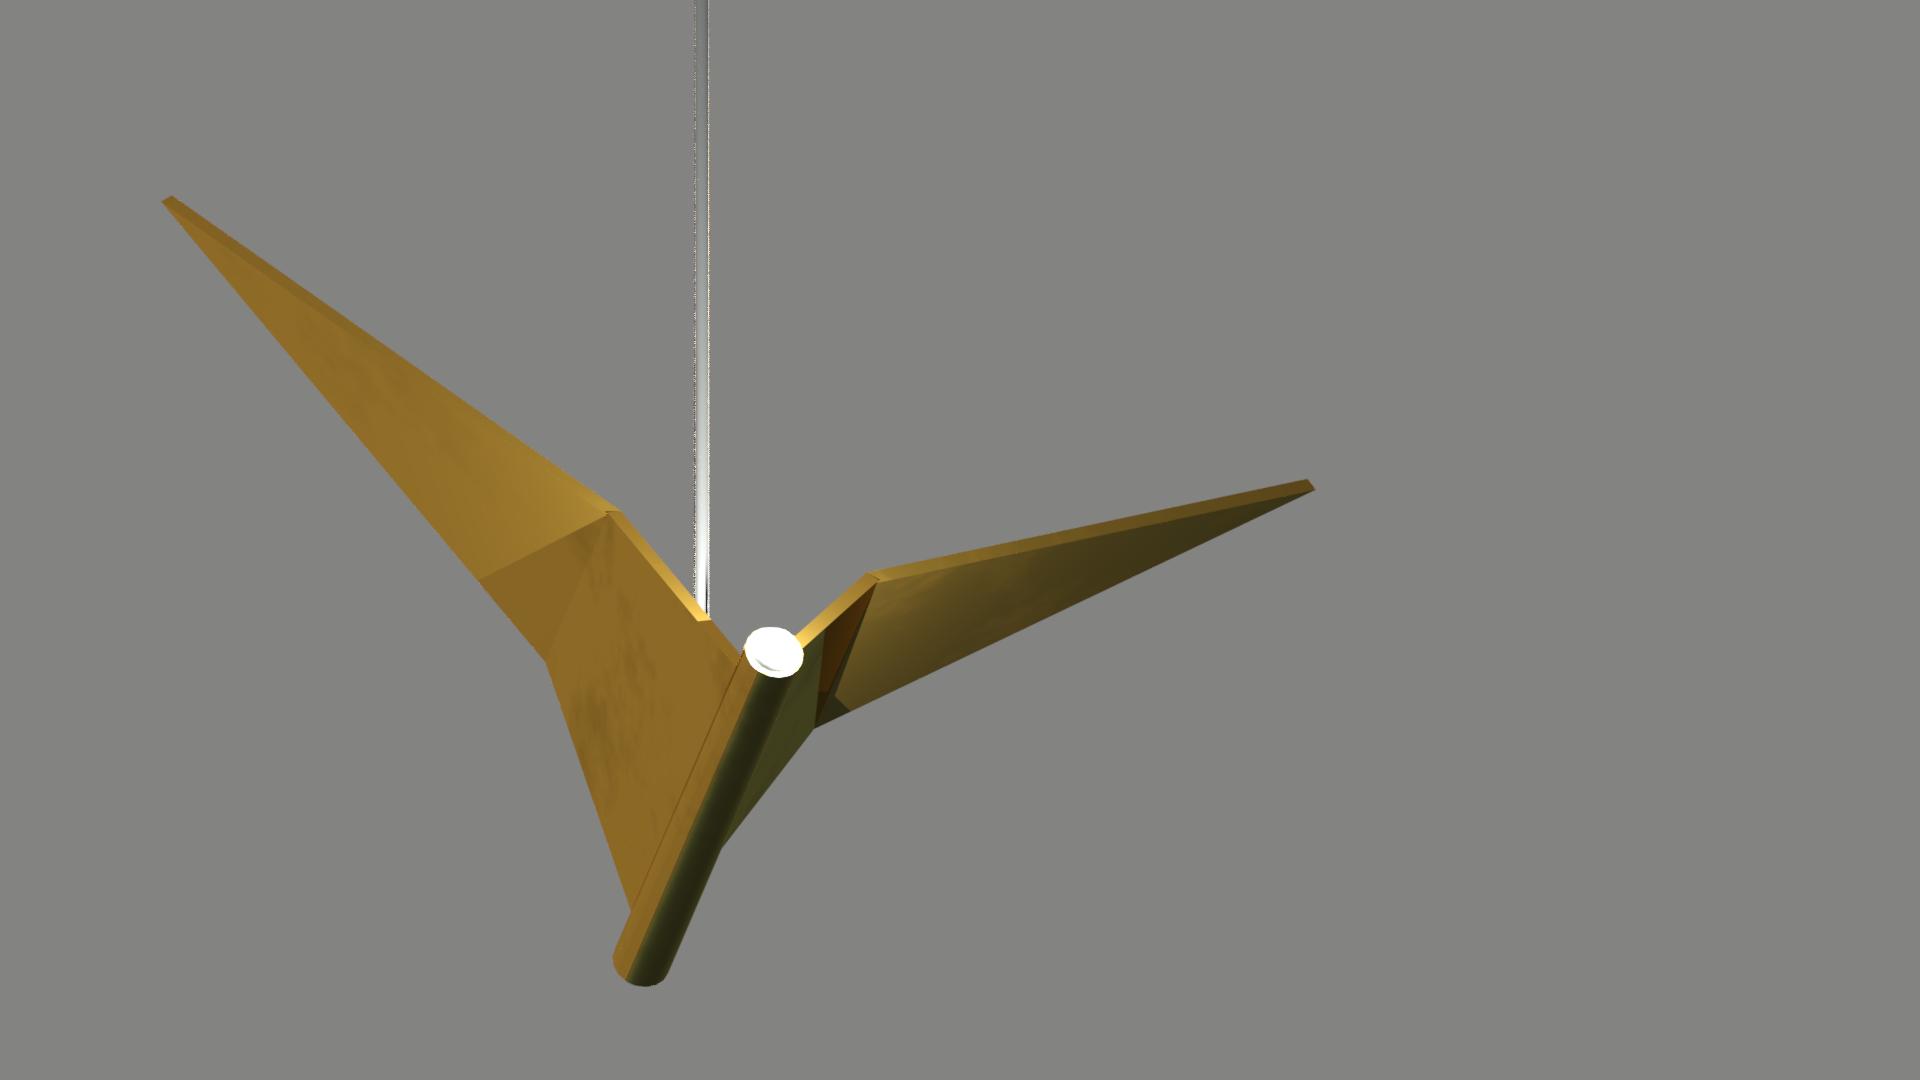 дизайнерский подвесной светильник птица из латуни